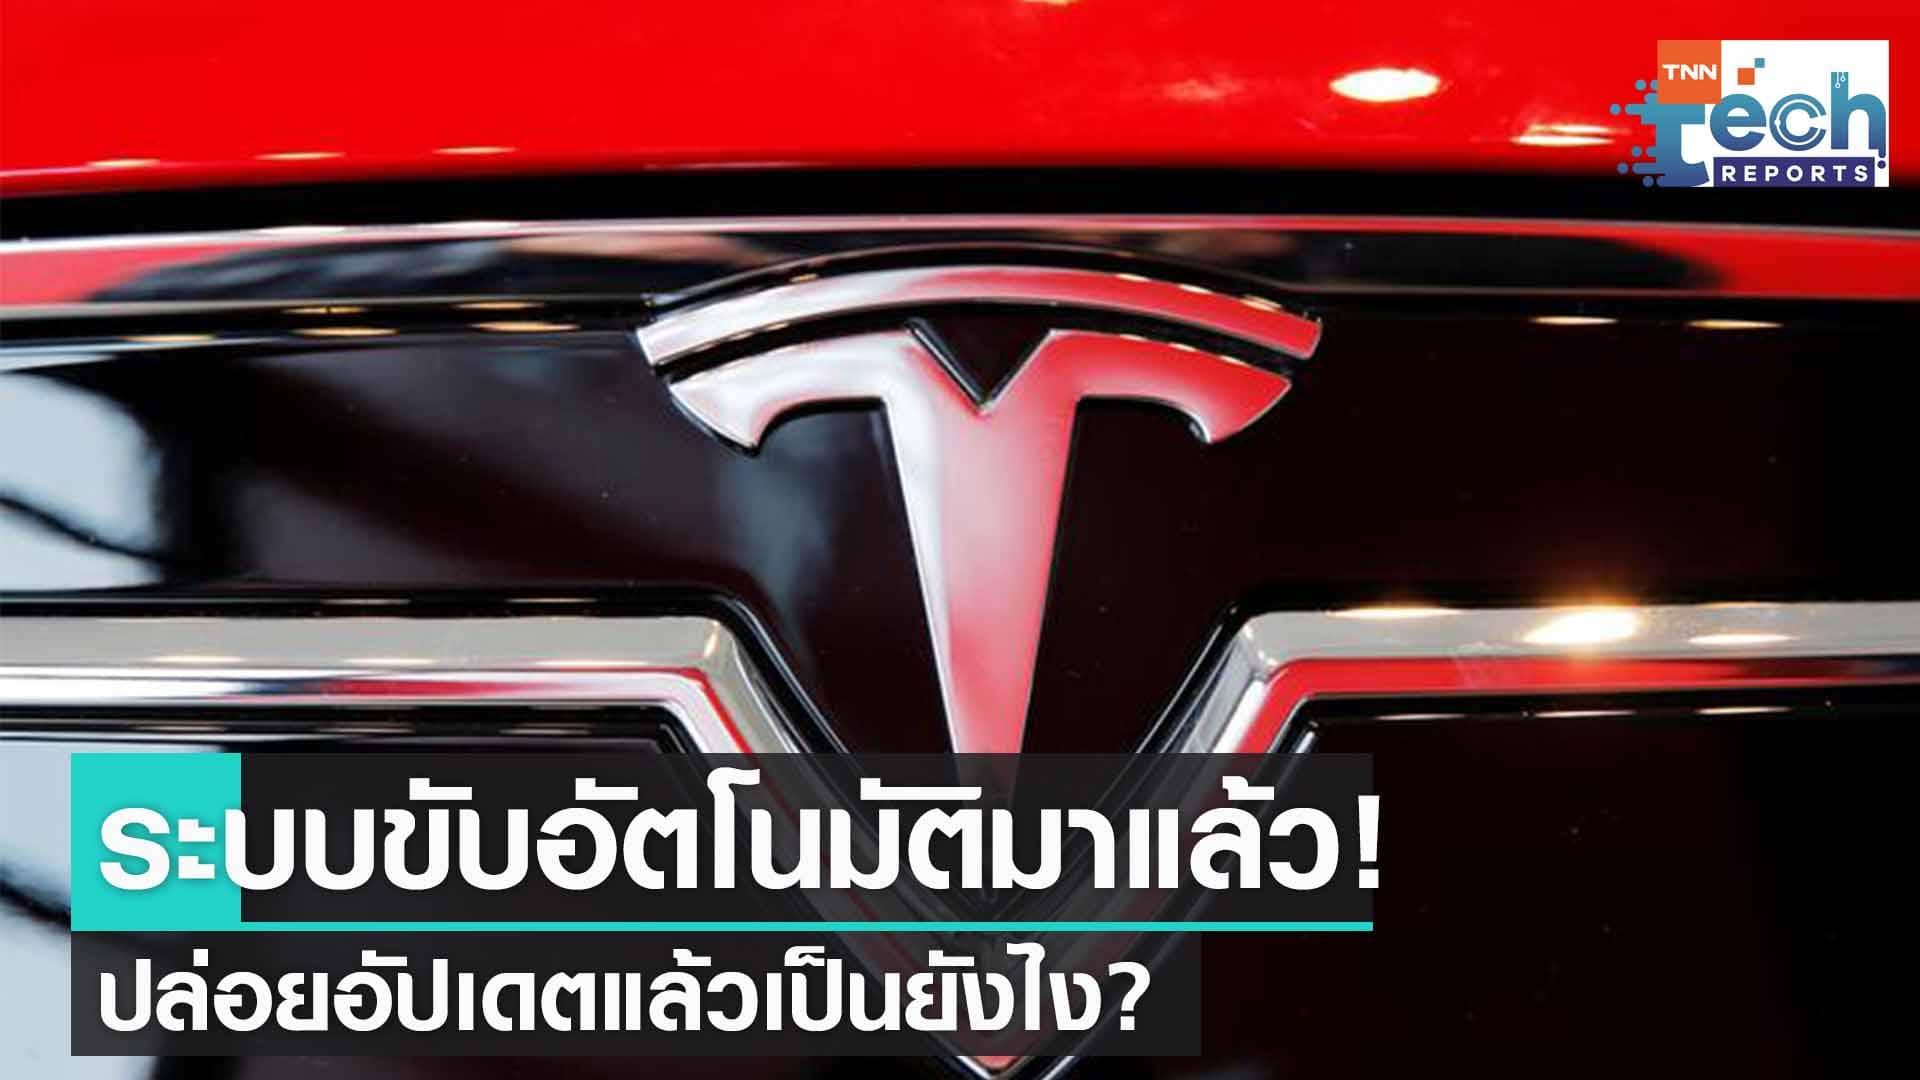 มาช้าแต่มาแล้ว! Tesla เริ่มจัดส่งระบบ 'Full Self-Driving' รุ่นเบต้า 9 หลังจากล่าช้าไปนาน